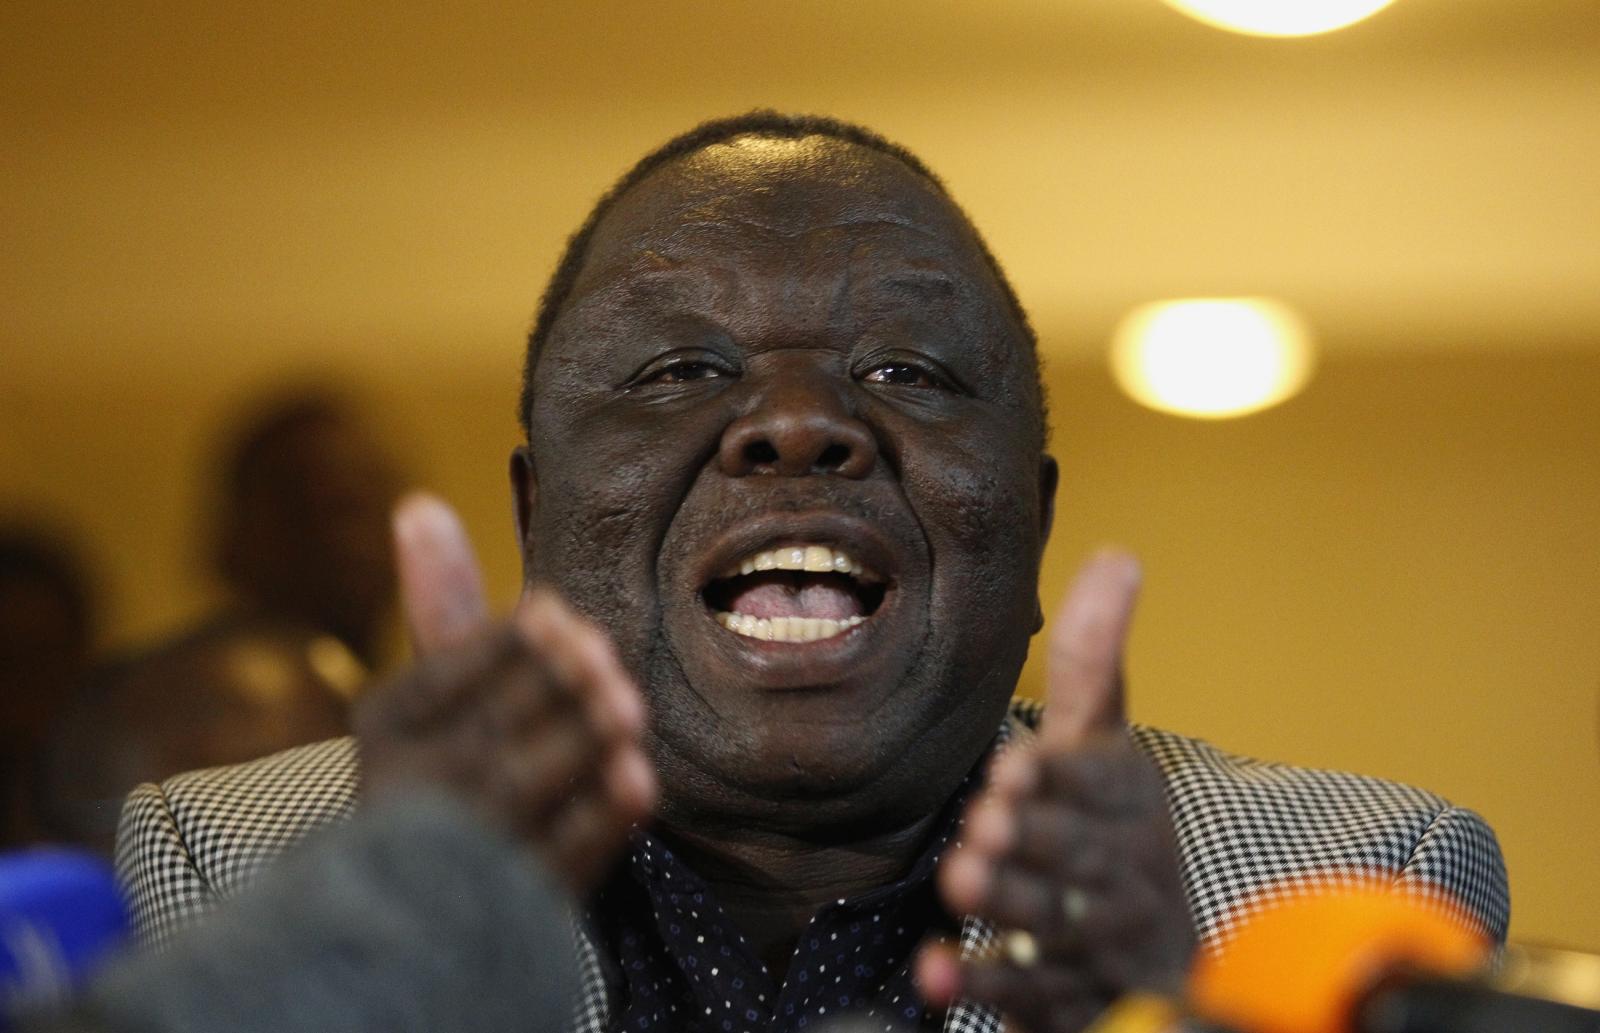 Zimbabwe's leader Morgan Tsvangirai